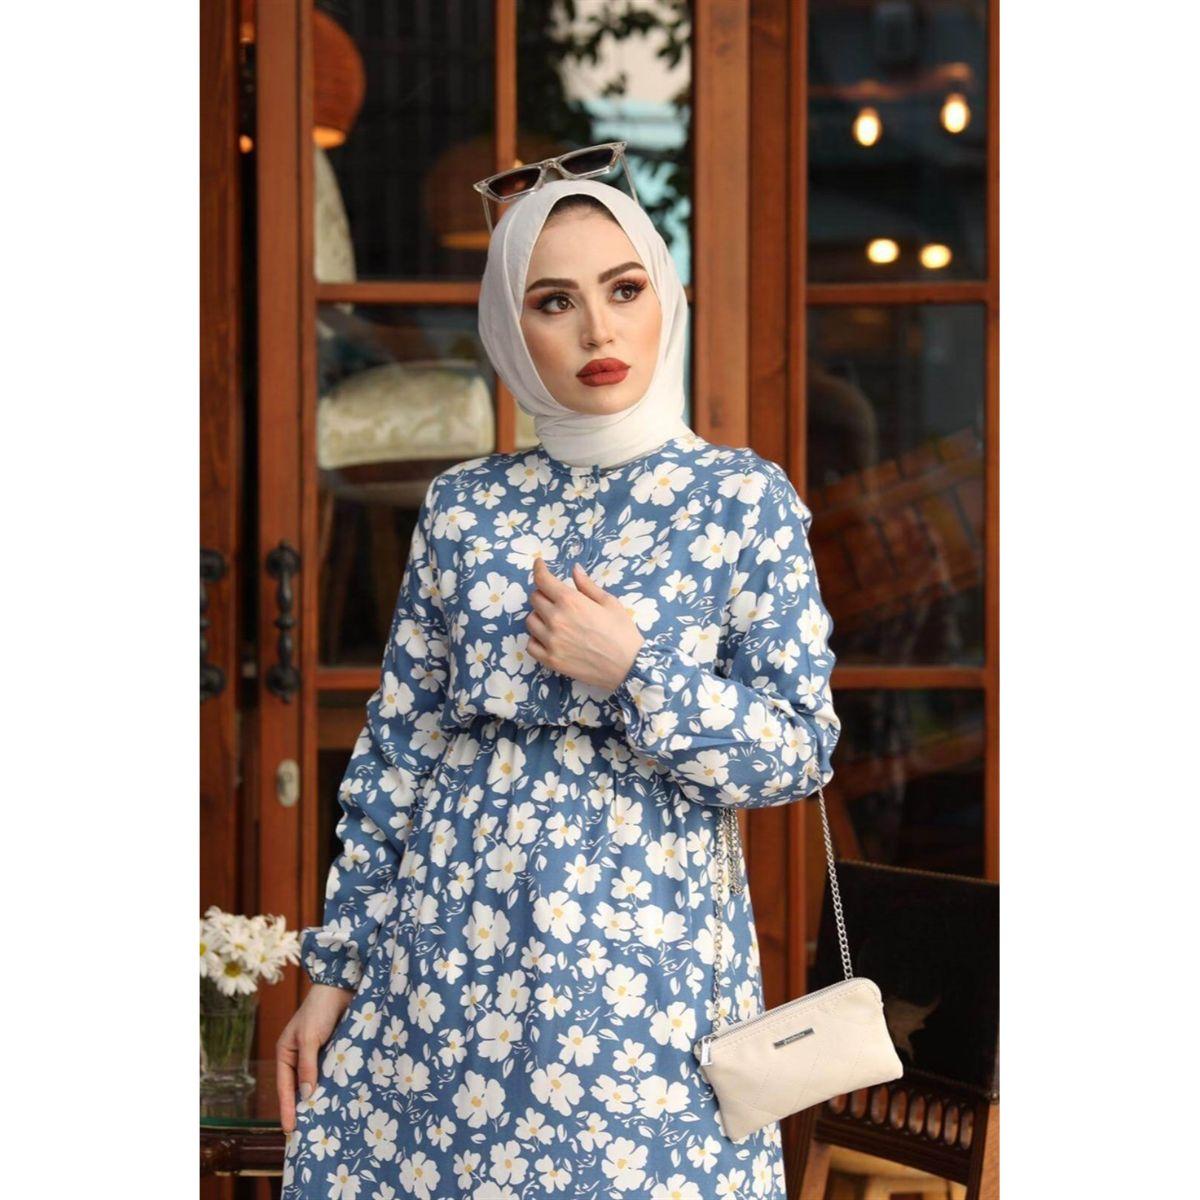 رمضان عيد عباية دبي تركيا مسلم موضة الحجاب الإسلام الملابس فساتين الأفريقية للنساء رداء İslamic الملابس فستان ماكسي